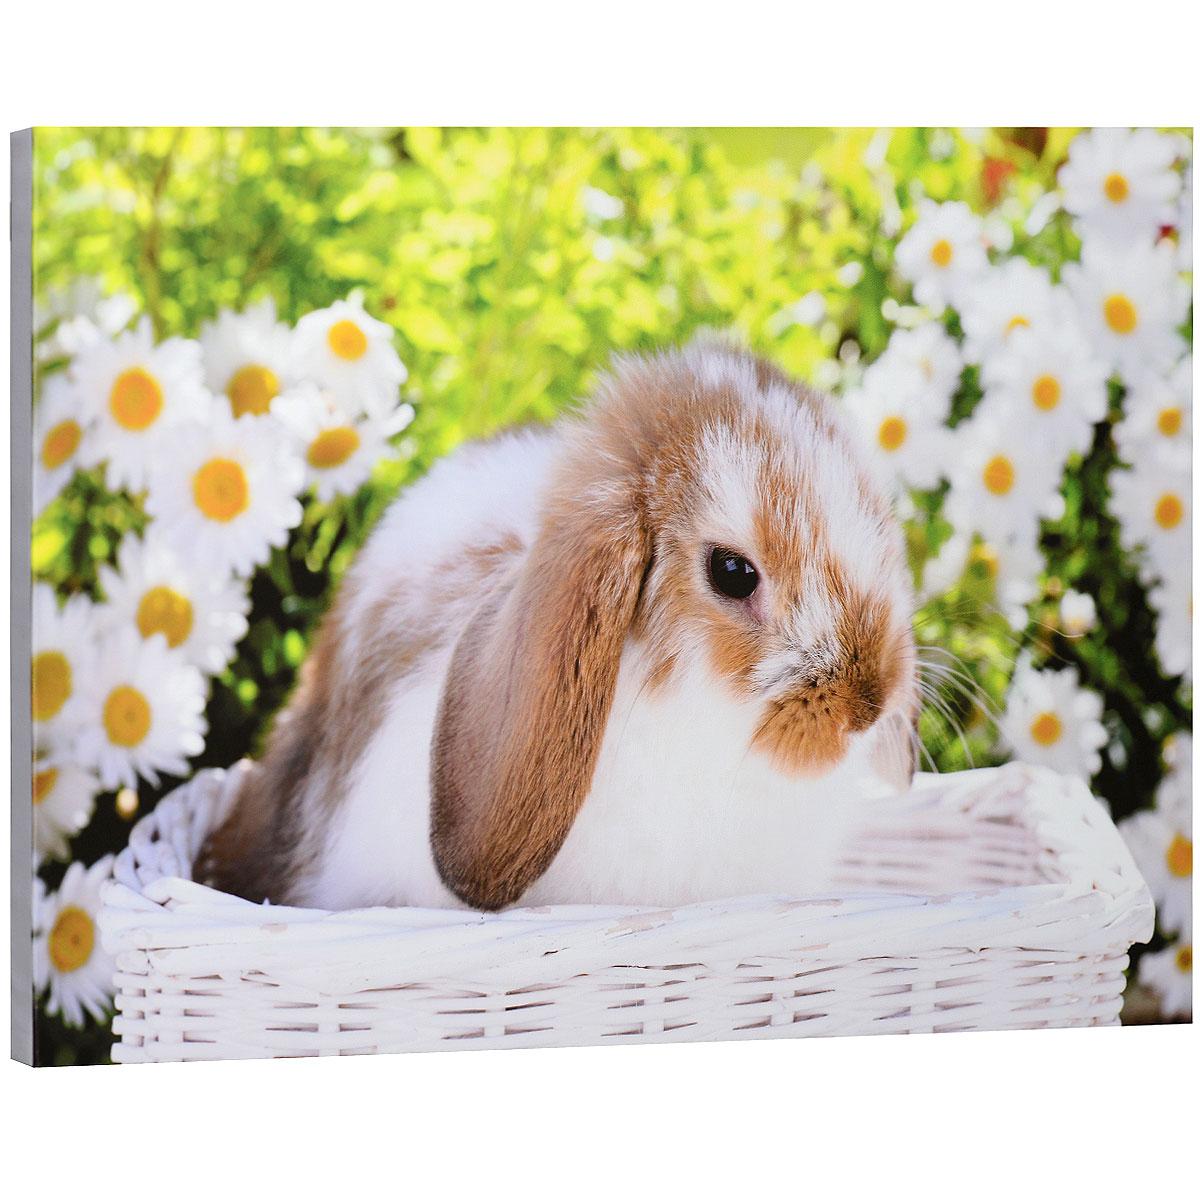 КвикДекор Картина на холсте Кролик в белой корзинке, 60 см х 40 смAP-00749-15743-Cn6040Картина на холсте КвикДекор Кролик в белой корзинке автора Грега Каддифорда дополнит обстановку интерьера яркими красками и необычным оформлением. Изделие представляет собой картину с латексной печатью на натуральном хлопчатобумажном холсте. Галерейная натяжка холста на подрамники выполнена очень аккуратно, а боковые части картины запечатаны тоновой заливкой. Обратная сторона подрамника содержит отверстие, благодаря которому картину можно легко закрепить на стене и подкорректировать ее положение. Грег - один из известнейших представителей жанра анималистической фотографии. Его снимки используют по всему миру в календарях, на открытках, канцелярских принадлежностях, в книгах и журналах. Его коллекция насчитывает сотни восхитительных и милых образов животных. Все работы этого фотографа необычайно гармоничны и сбалансированы. Картина Кролик в белой корзинке отлично подойдет к интерьеру не только детской комнаты, но и гостиной. Картина поставляется в...